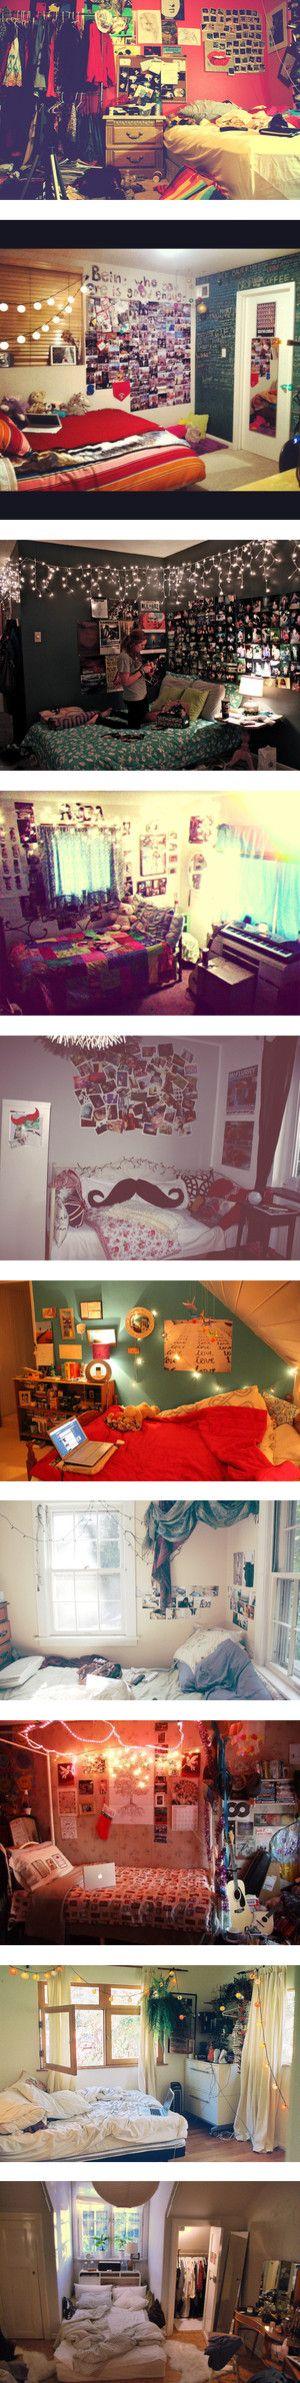 Academy Of Art University Dorm Rooms